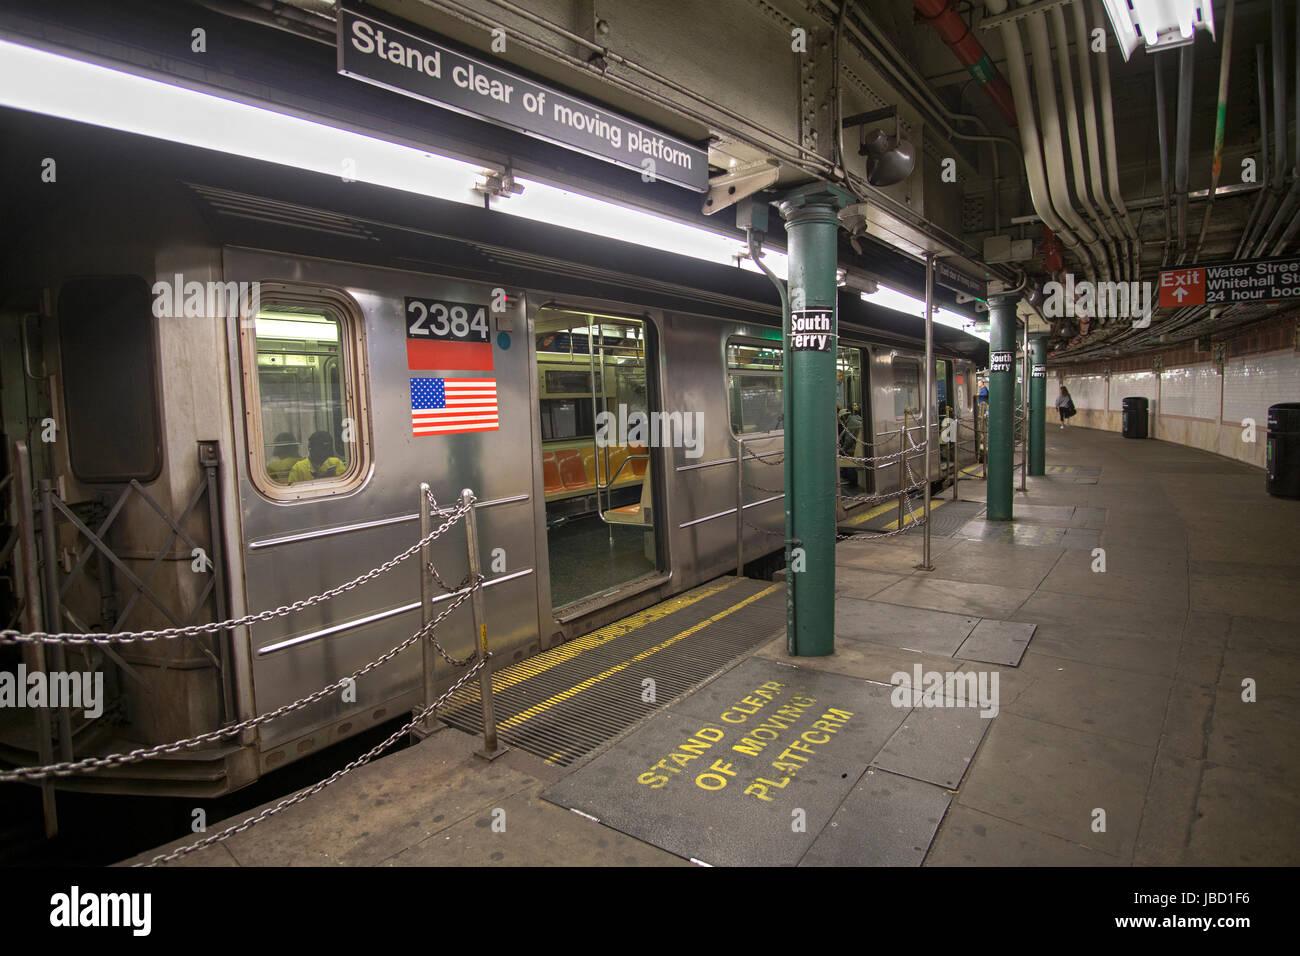 Un metro al sur de la estación de ferry, la última parada en el IRT tren número 1. En Battery Park, en el centro Foto de stock